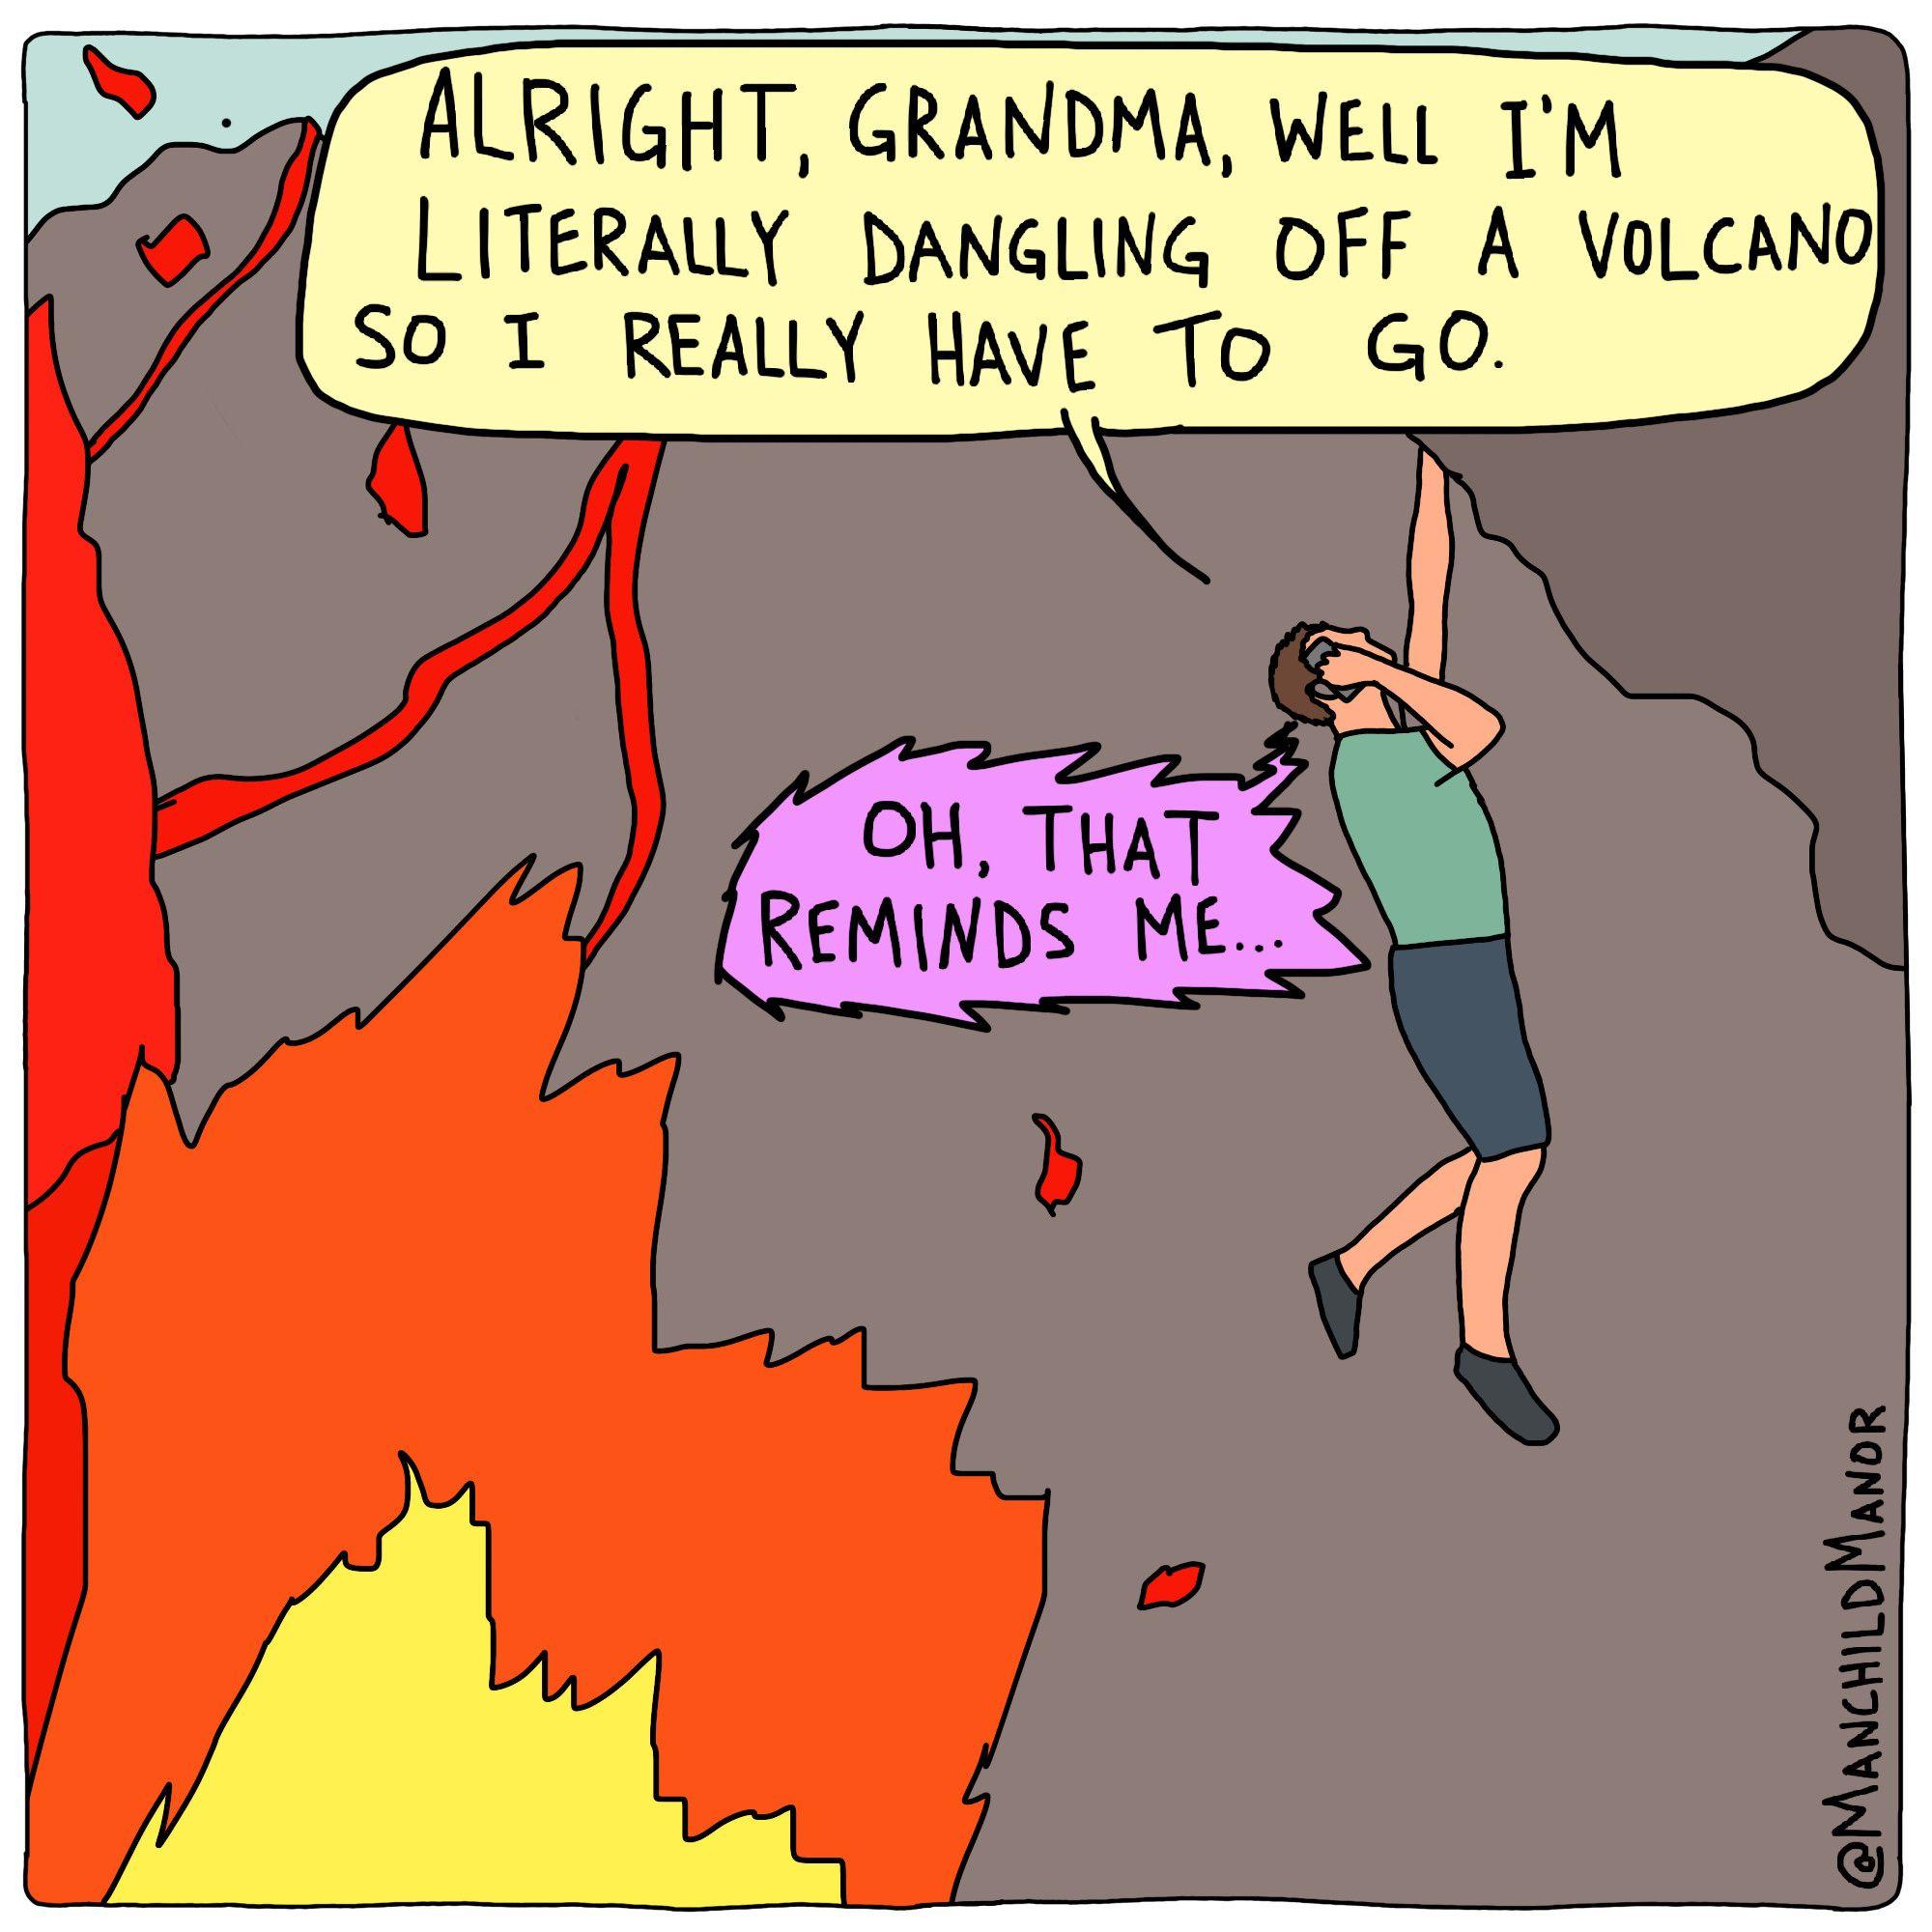 Grandma's a savage